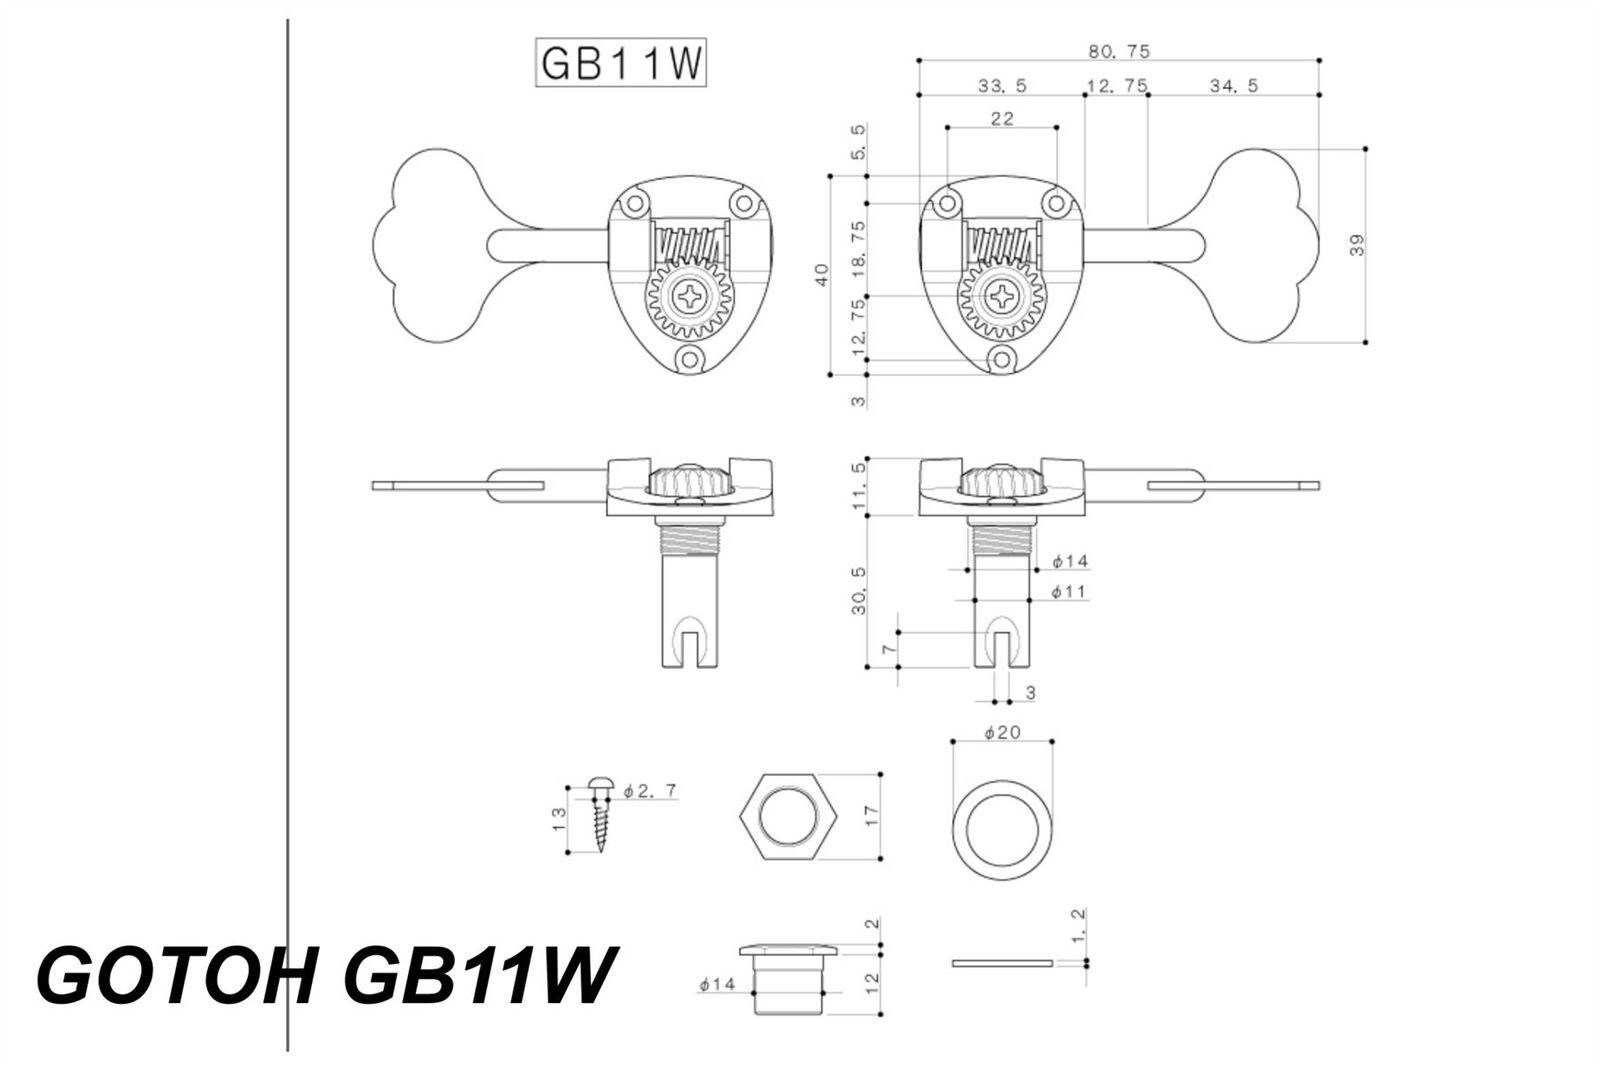 Gotoh GB11W bajo máquinas de afinación sintonizador-preconfigurado conjuntos conjuntos conjuntos fc58fc